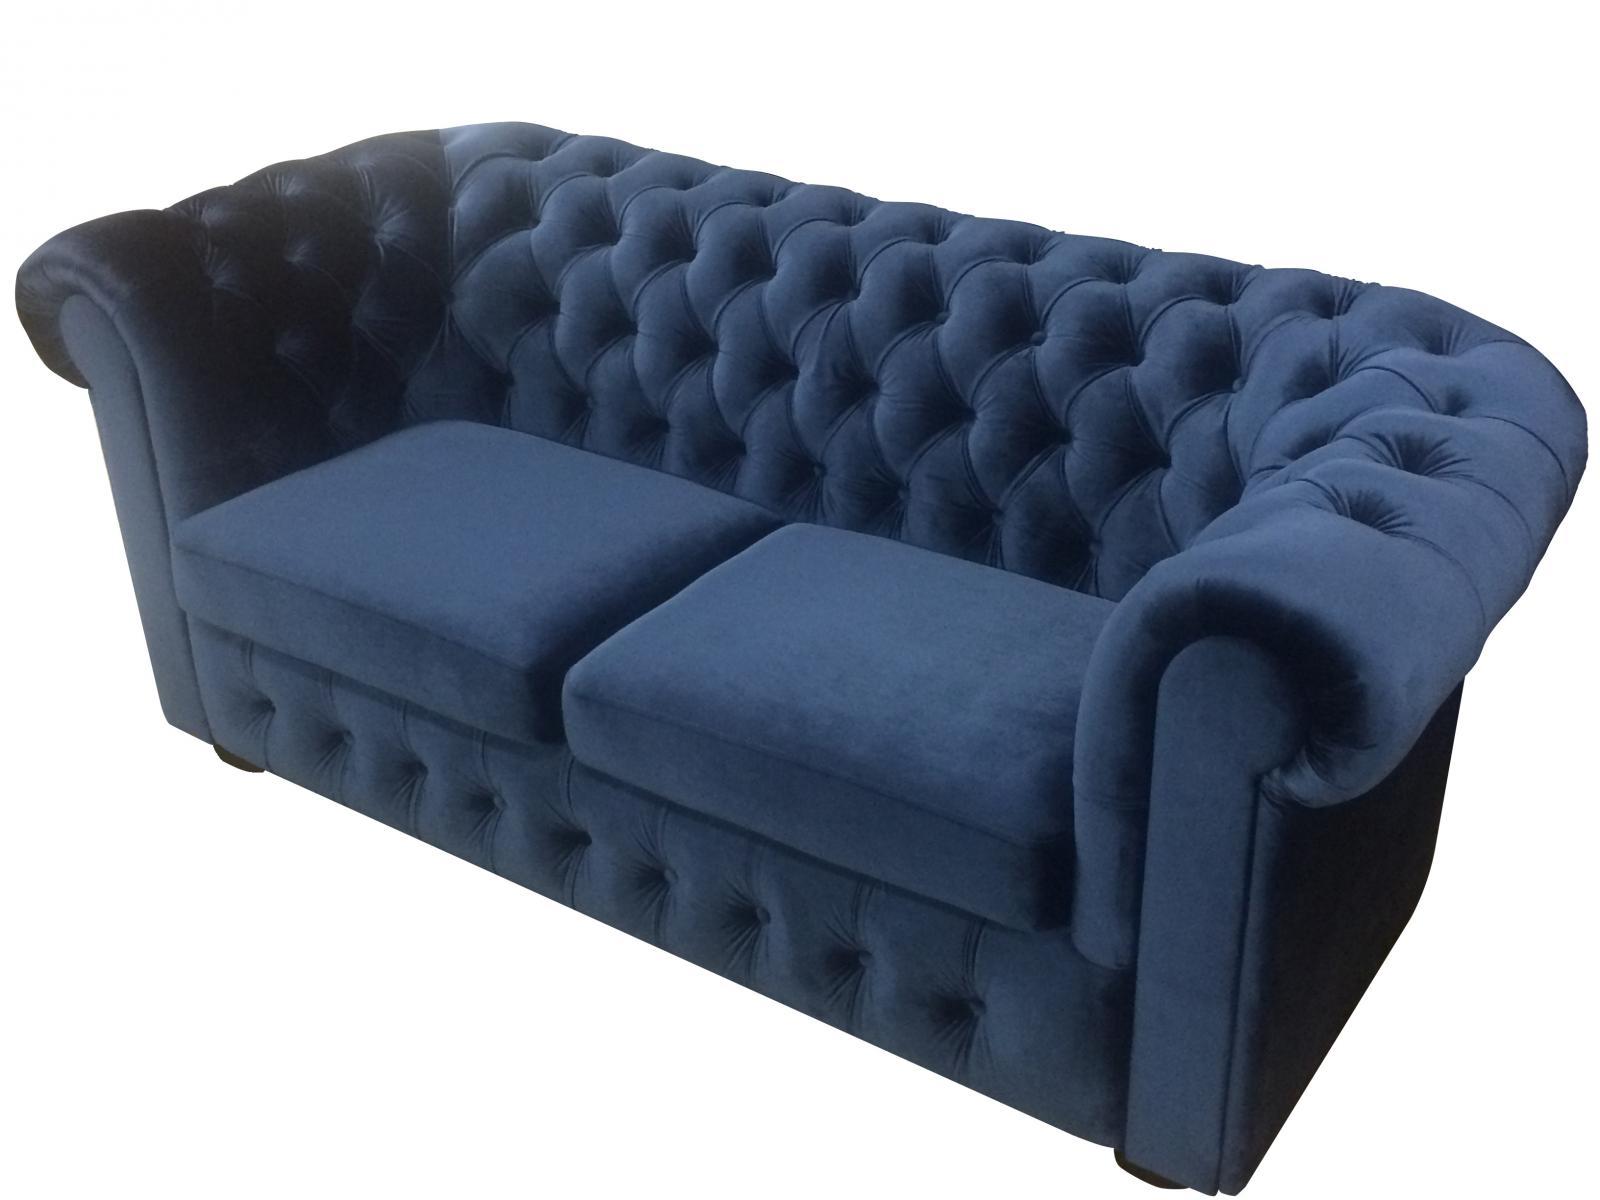 Диван БергамоДвухместные диваны<br>&amp;lt;div&amp;gt;Двойной диван в английском стиле &amp;quot;Chesterfield&amp;quot;&amp;amp;nbsp;&amp;lt;/div&amp;gt;&amp;lt;div&amp;gt;Механизм: миксотуаль.&amp;amp;nbsp;&amp;lt;/div&amp;gt;&amp;lt;div&amp;gt;Наполнение: композиционный микс из пенополиуретана 35 плотности в термовлагозащитном чехле из Hollgone.&amp;amp;nbsp;&amp;lt;/div&amp;gt;&amp;lt;div&amp;gt;Доп.опции: гвоздевой декор по периметру подлокотников в двух вариантах цвета старое золото или никель;&amp;amp;nbsp;&amp;lt;/div&amp;gt;&amp;lt;div&amp;gt;замена пуговиц на стразы в момент оформления заказа.&amp;lt;/div&amp;gt;&amp;lt;div&amp;gt;&amp;lt;br&amp;gt;&amp;lt;/div&amp;gt;&amp;lt;div&amp;gt;Изделие можно заказать в любой ткани.&amp;lt;/div&amp;gt;&amp;lt;div&amp;gt;&amp;lt;br&amp;gt;&amp;lt;/div&amp;gt;<br><br>Material: Велюр<br>Width см: 178<br>Depth см: 91<br>Height см: 82